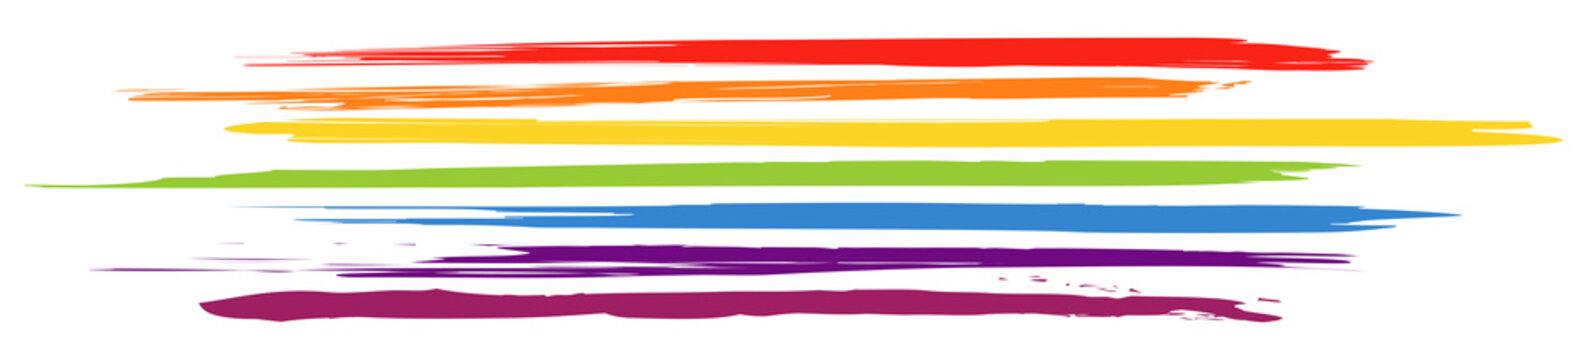 Header mit horizontalen, farbigen Pinselstrichen in Regenbogenfarben / Vektor